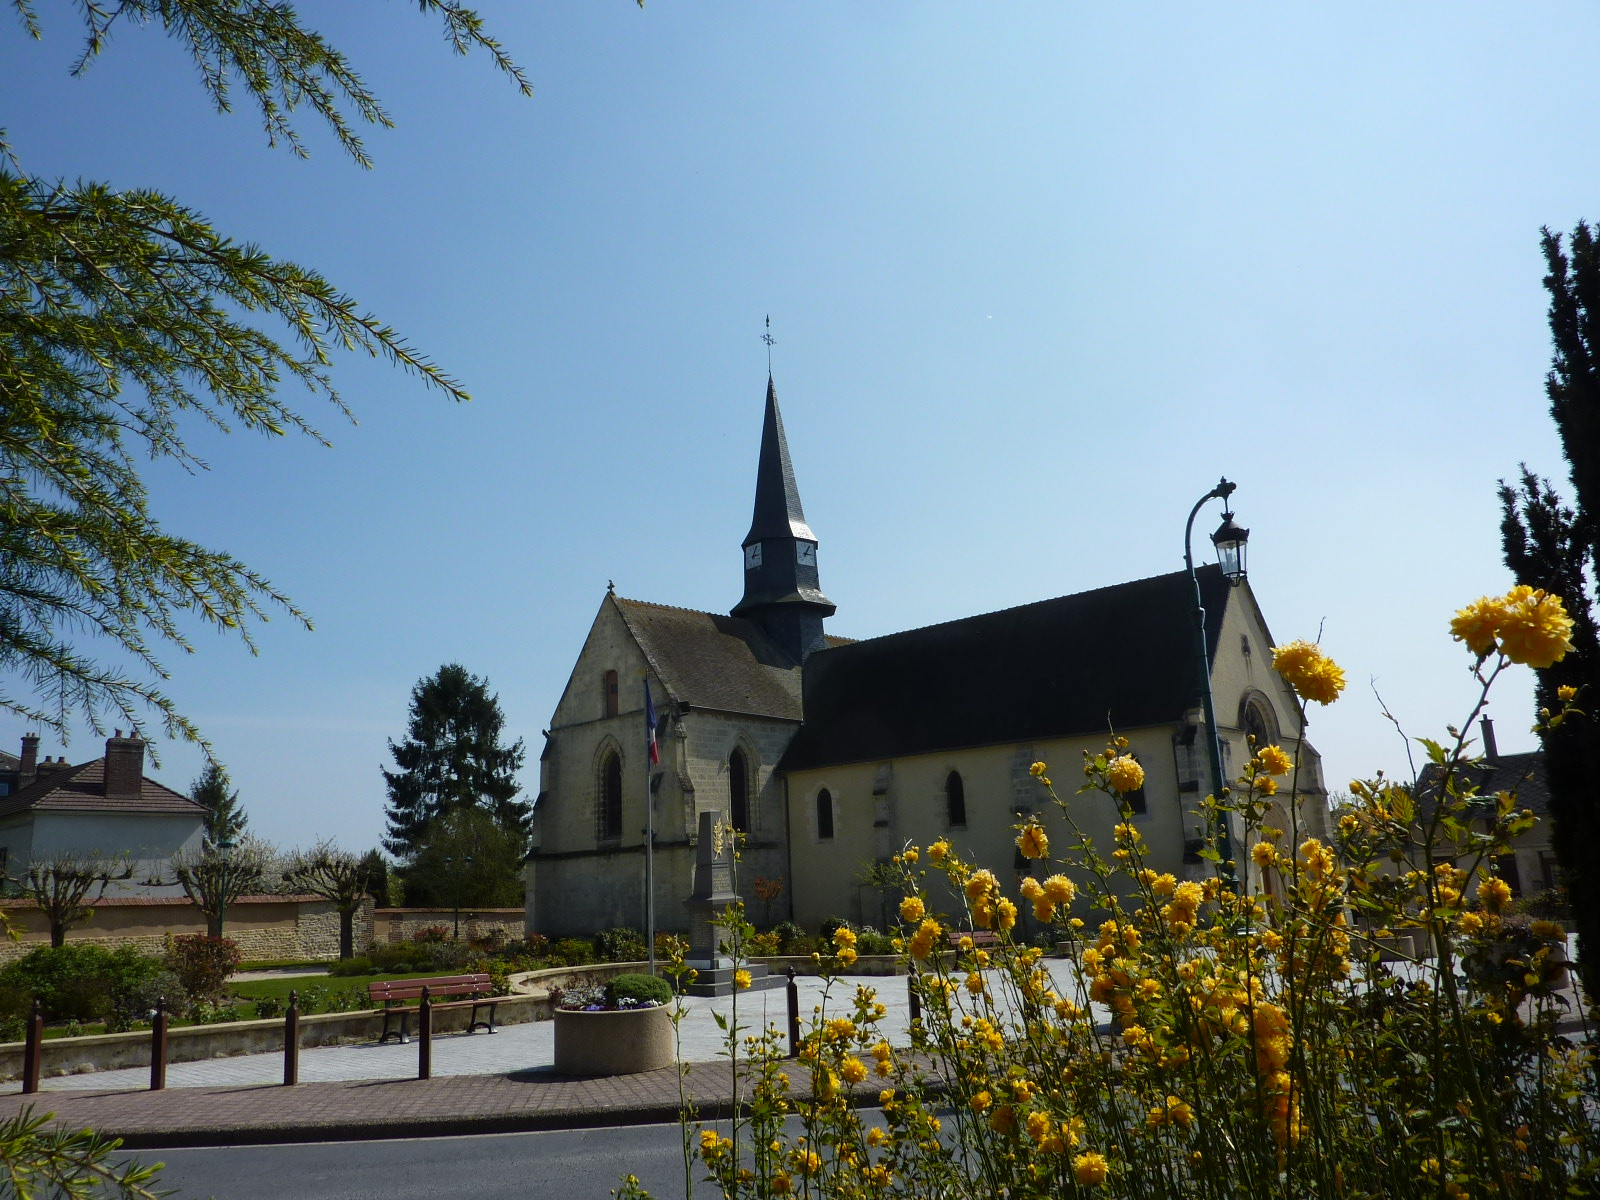 Eglise Notre-Dame de la Nativité Villeneuve-les-Sablons